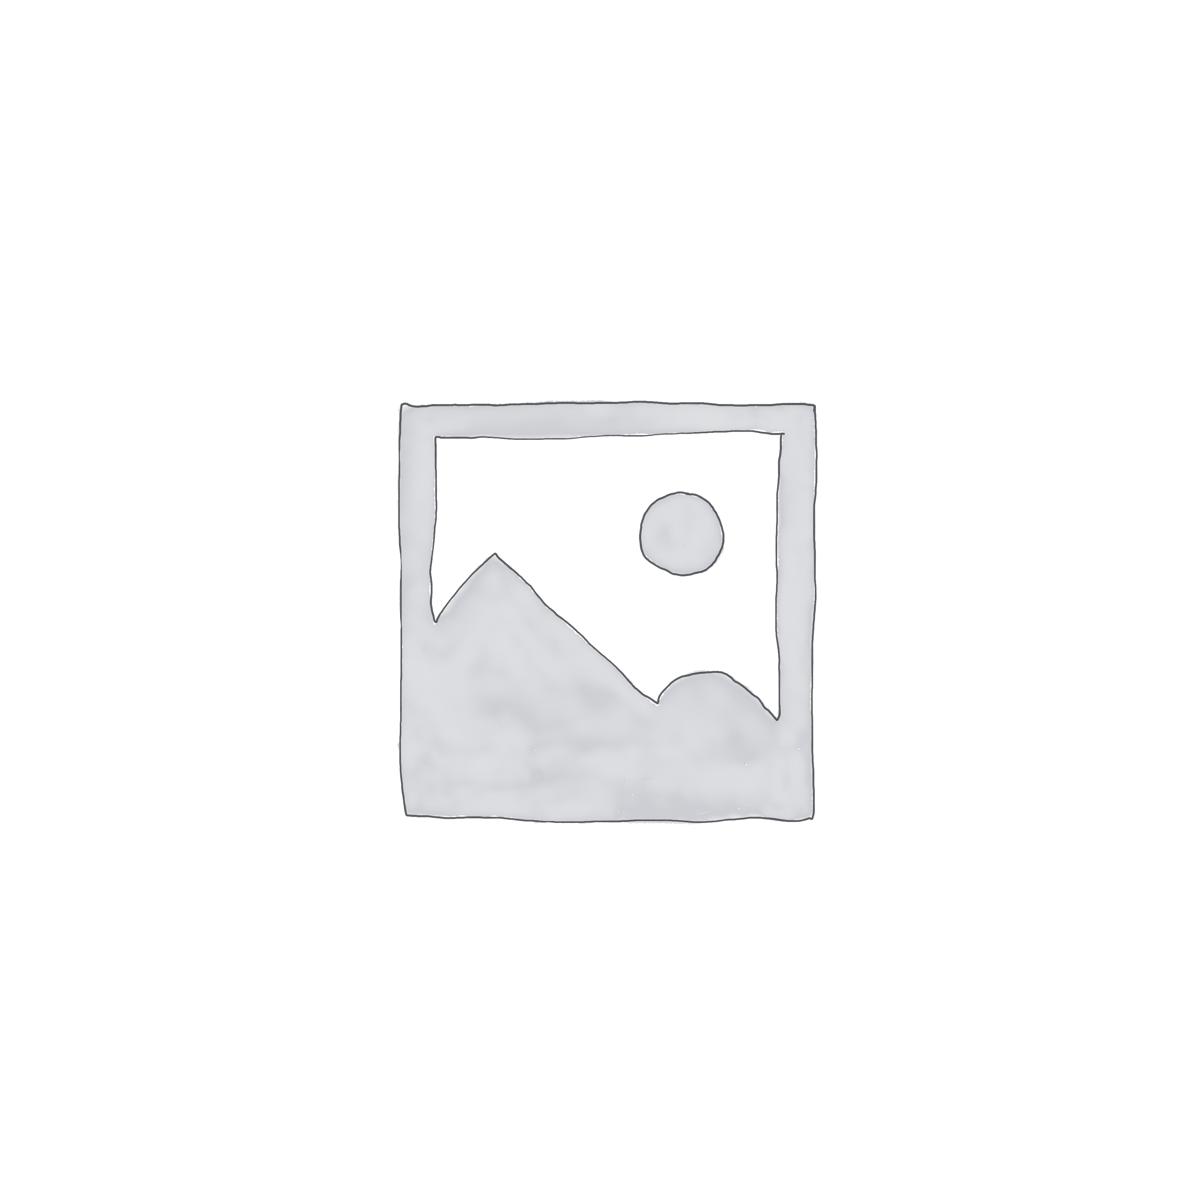 میکروفن داینامیک جاسکو مدل ۲۰۰۰